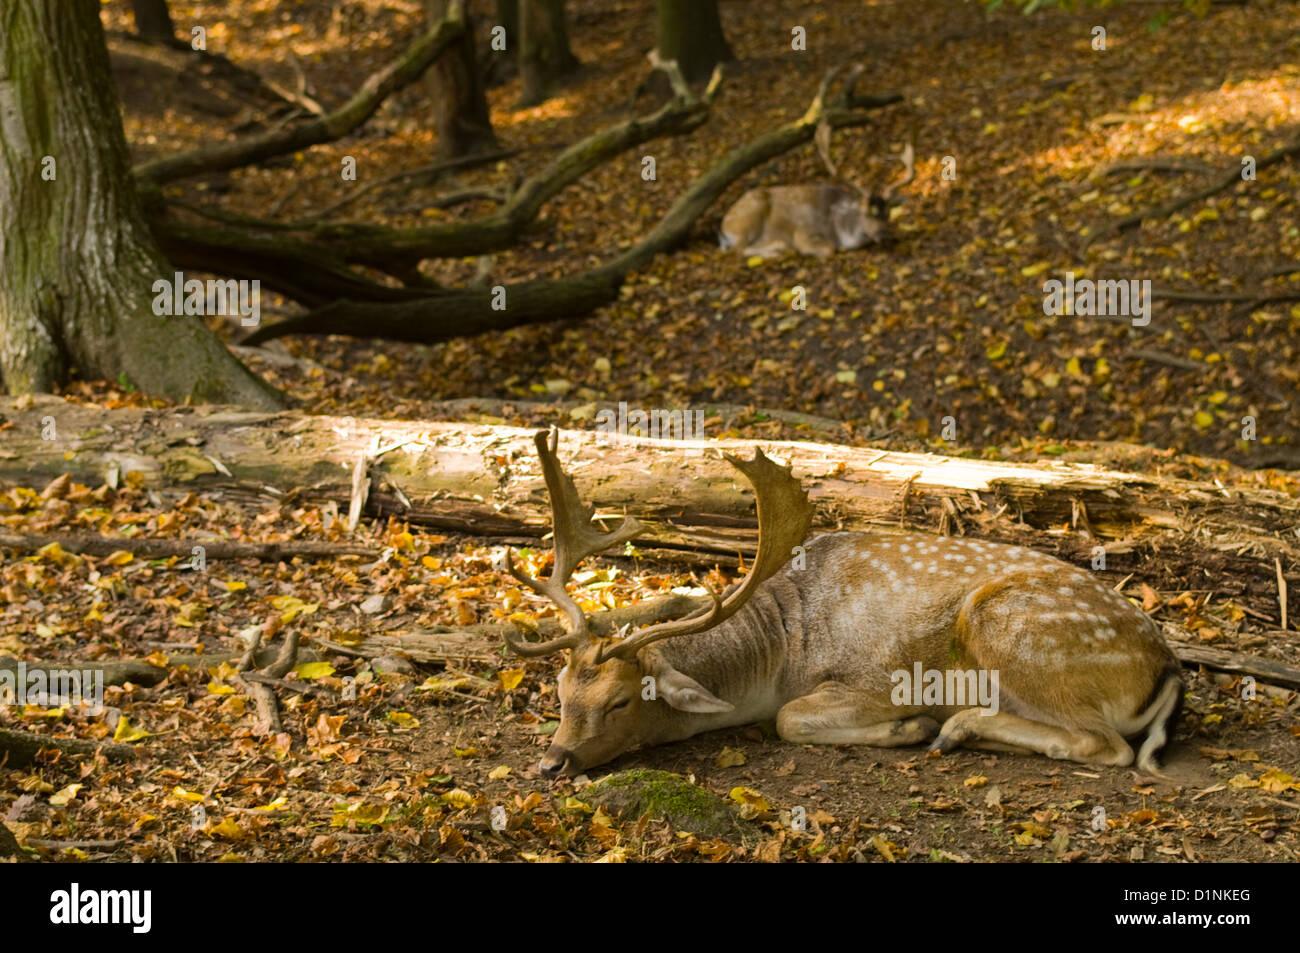 Österreich, Wien 13, Damwild im Lainzer Tiergarten, einem ehemals eingefriedeten kaiserlichen Jagdgebiet in - Stock Image